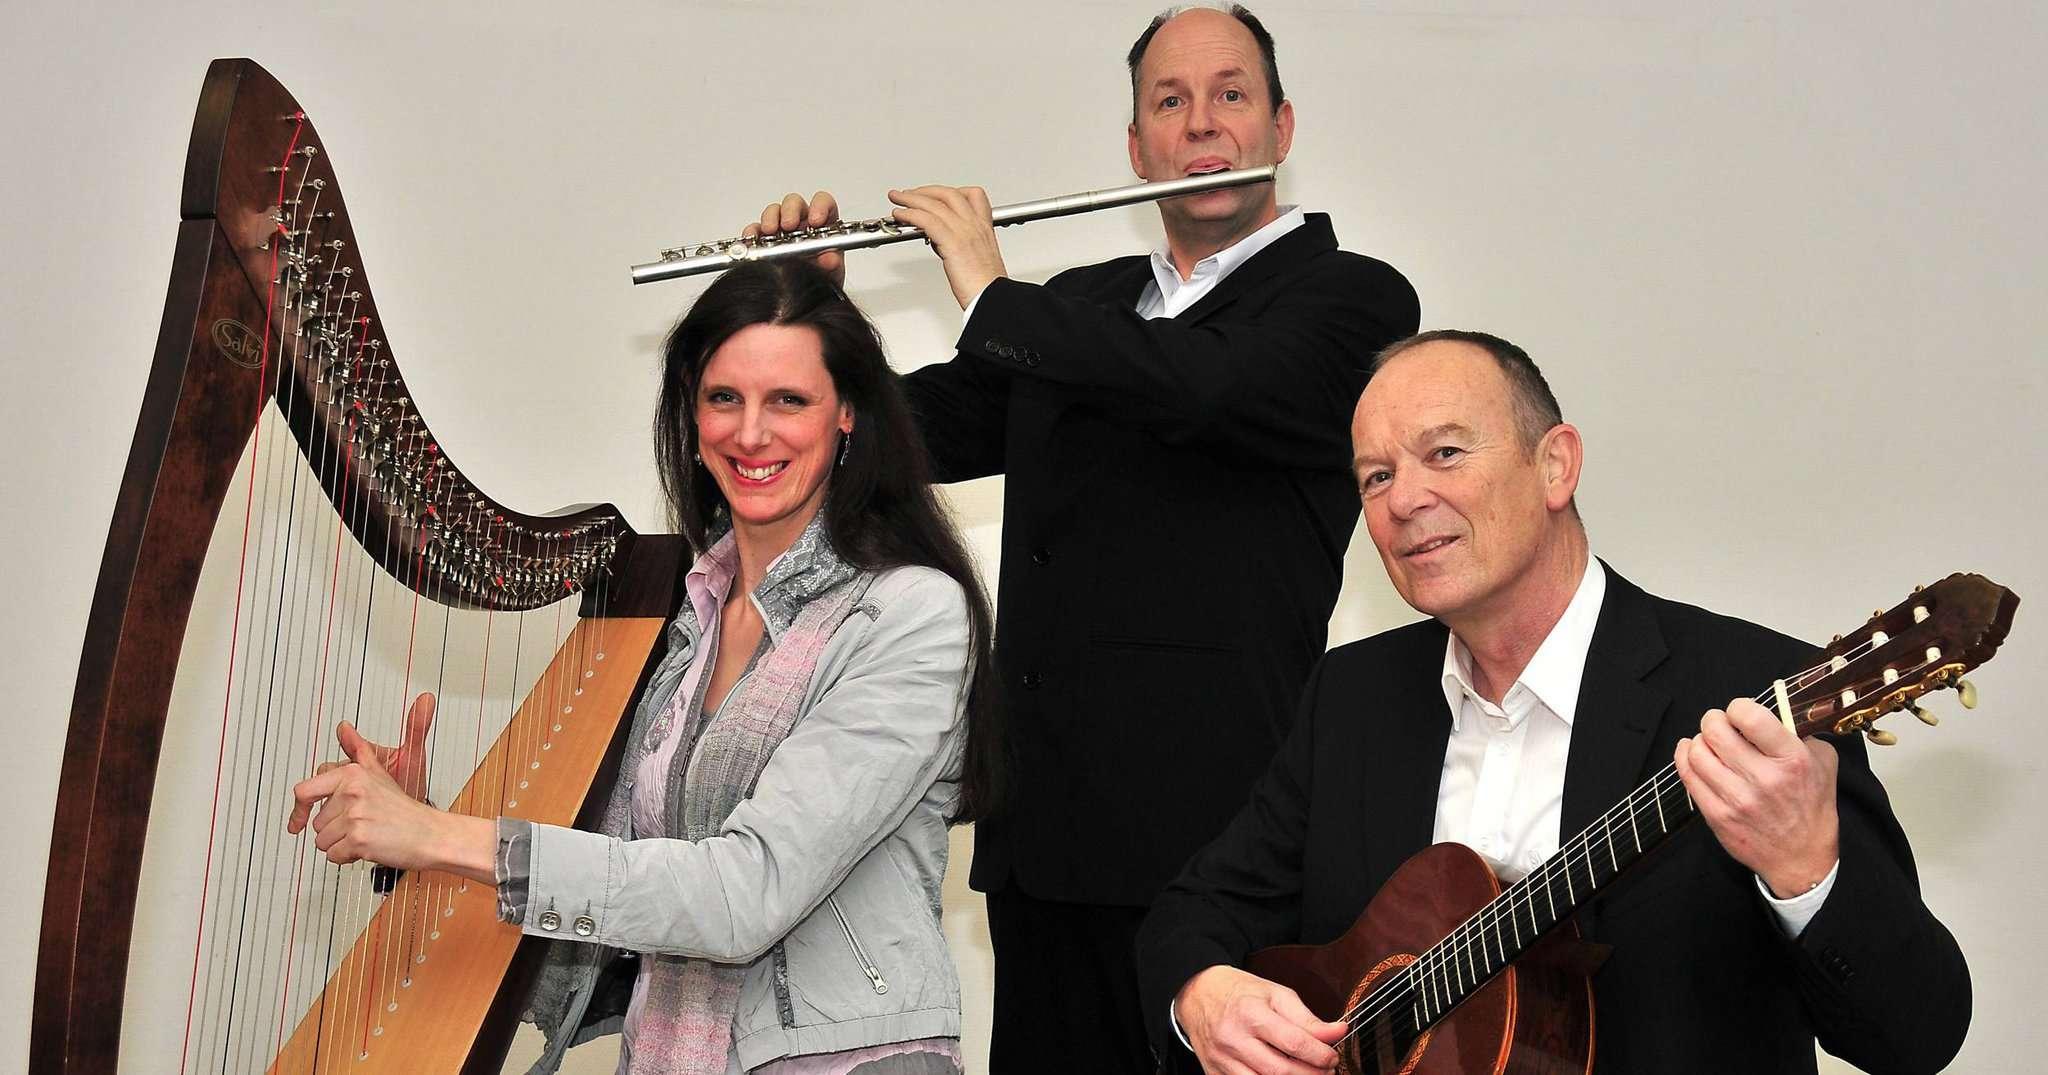 Besucher des Huk in Hellwege werden das Trio Traummusik am Sonntag, 14. Januar, live erleben.